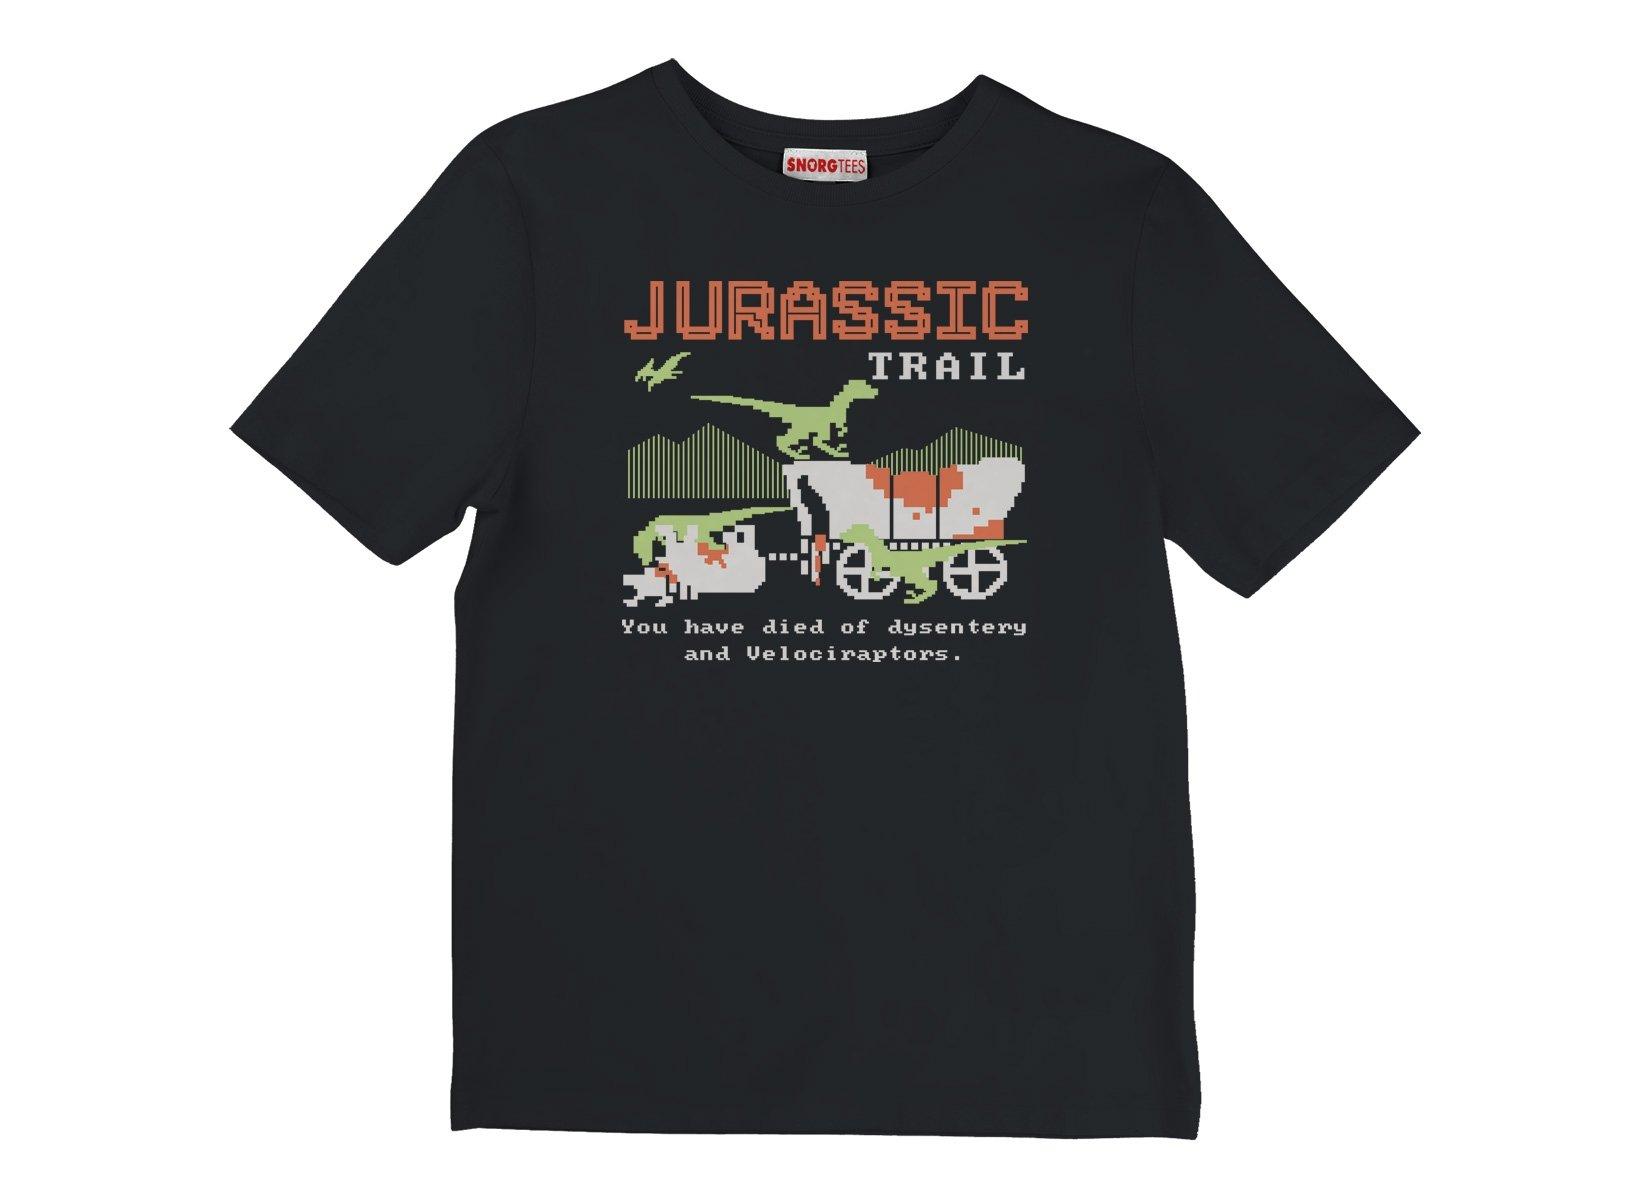 Jurassic Trail on Kids T-Shirt